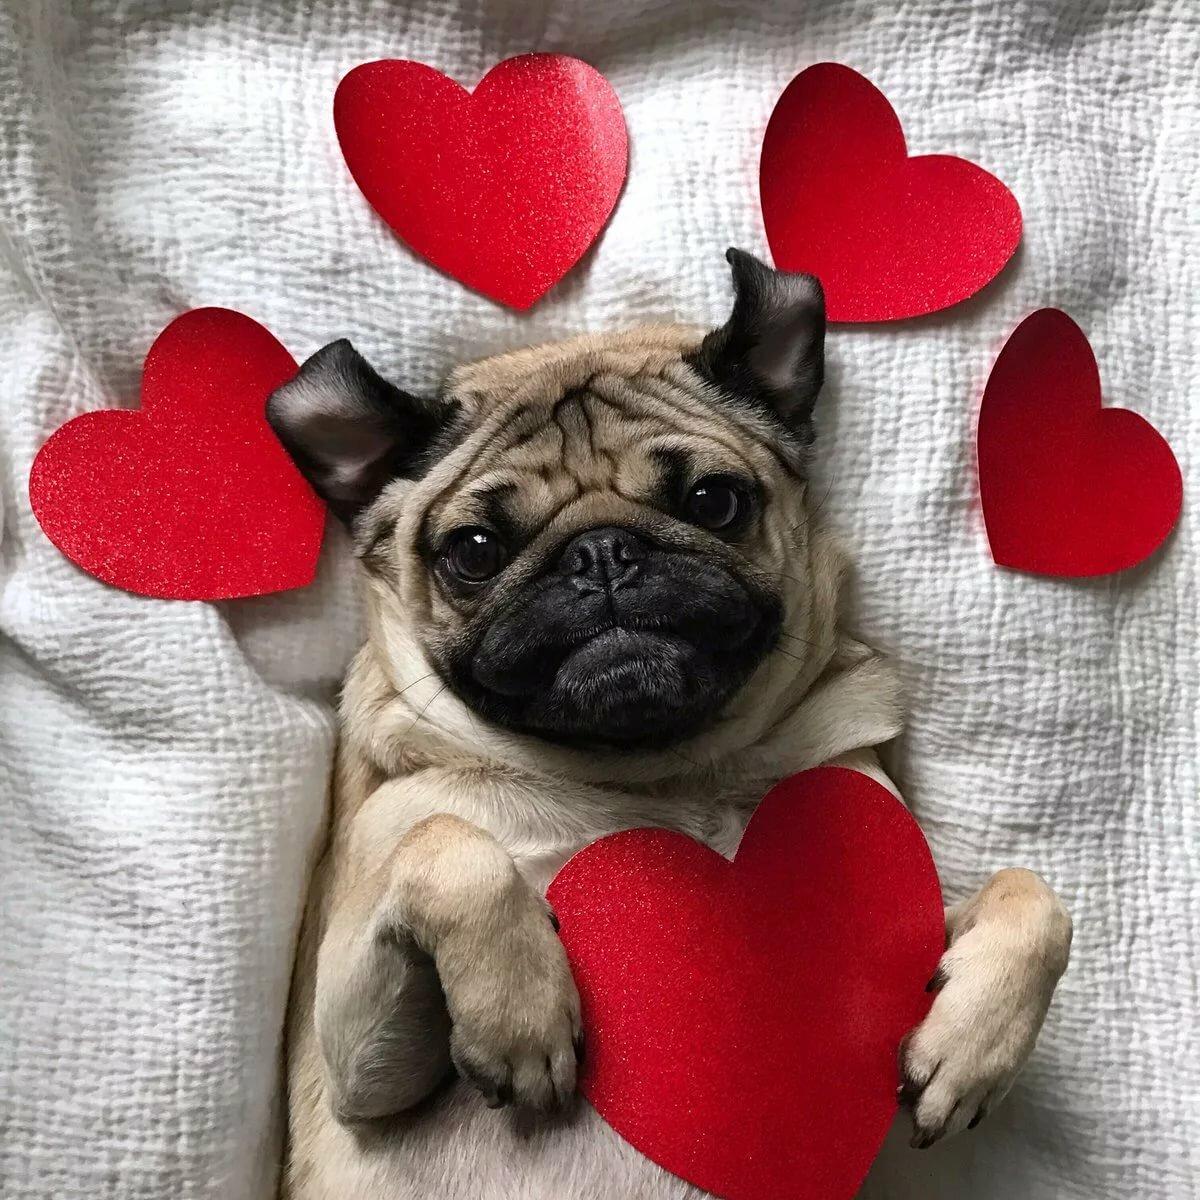 женщина картинки собачек с сердечком эти красавицы предпочитают